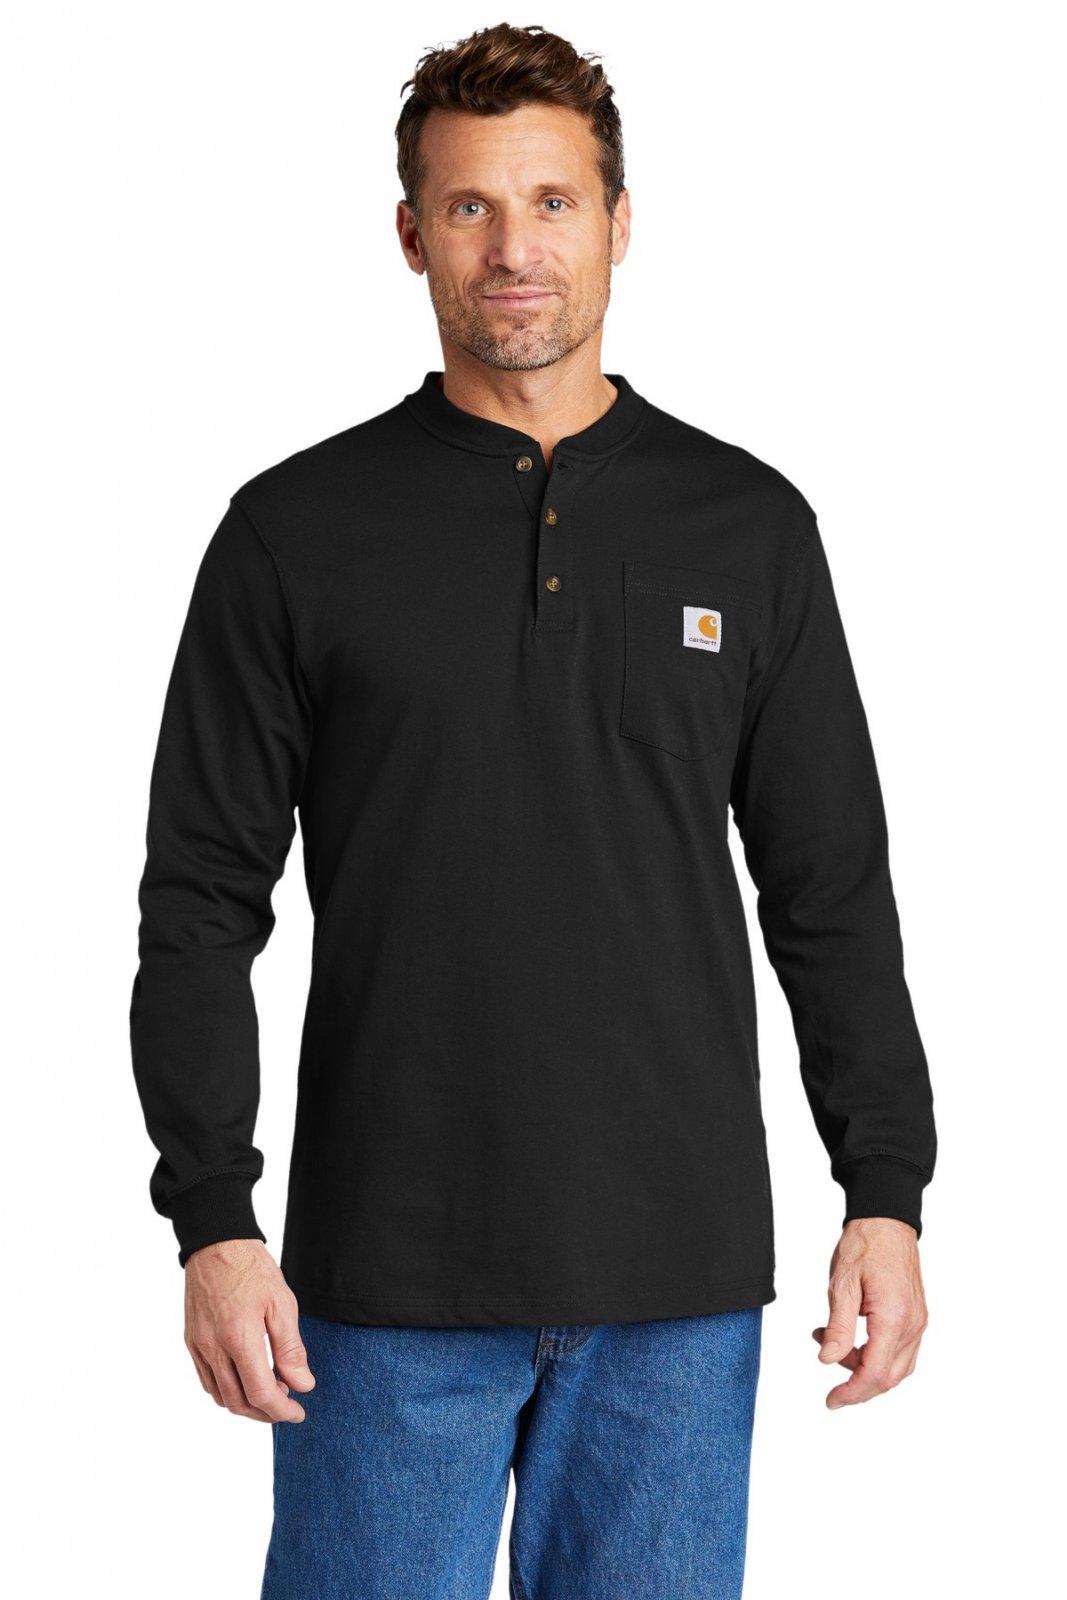 CTK128  Carhartt® Long Sleeve Henley T-Shirt